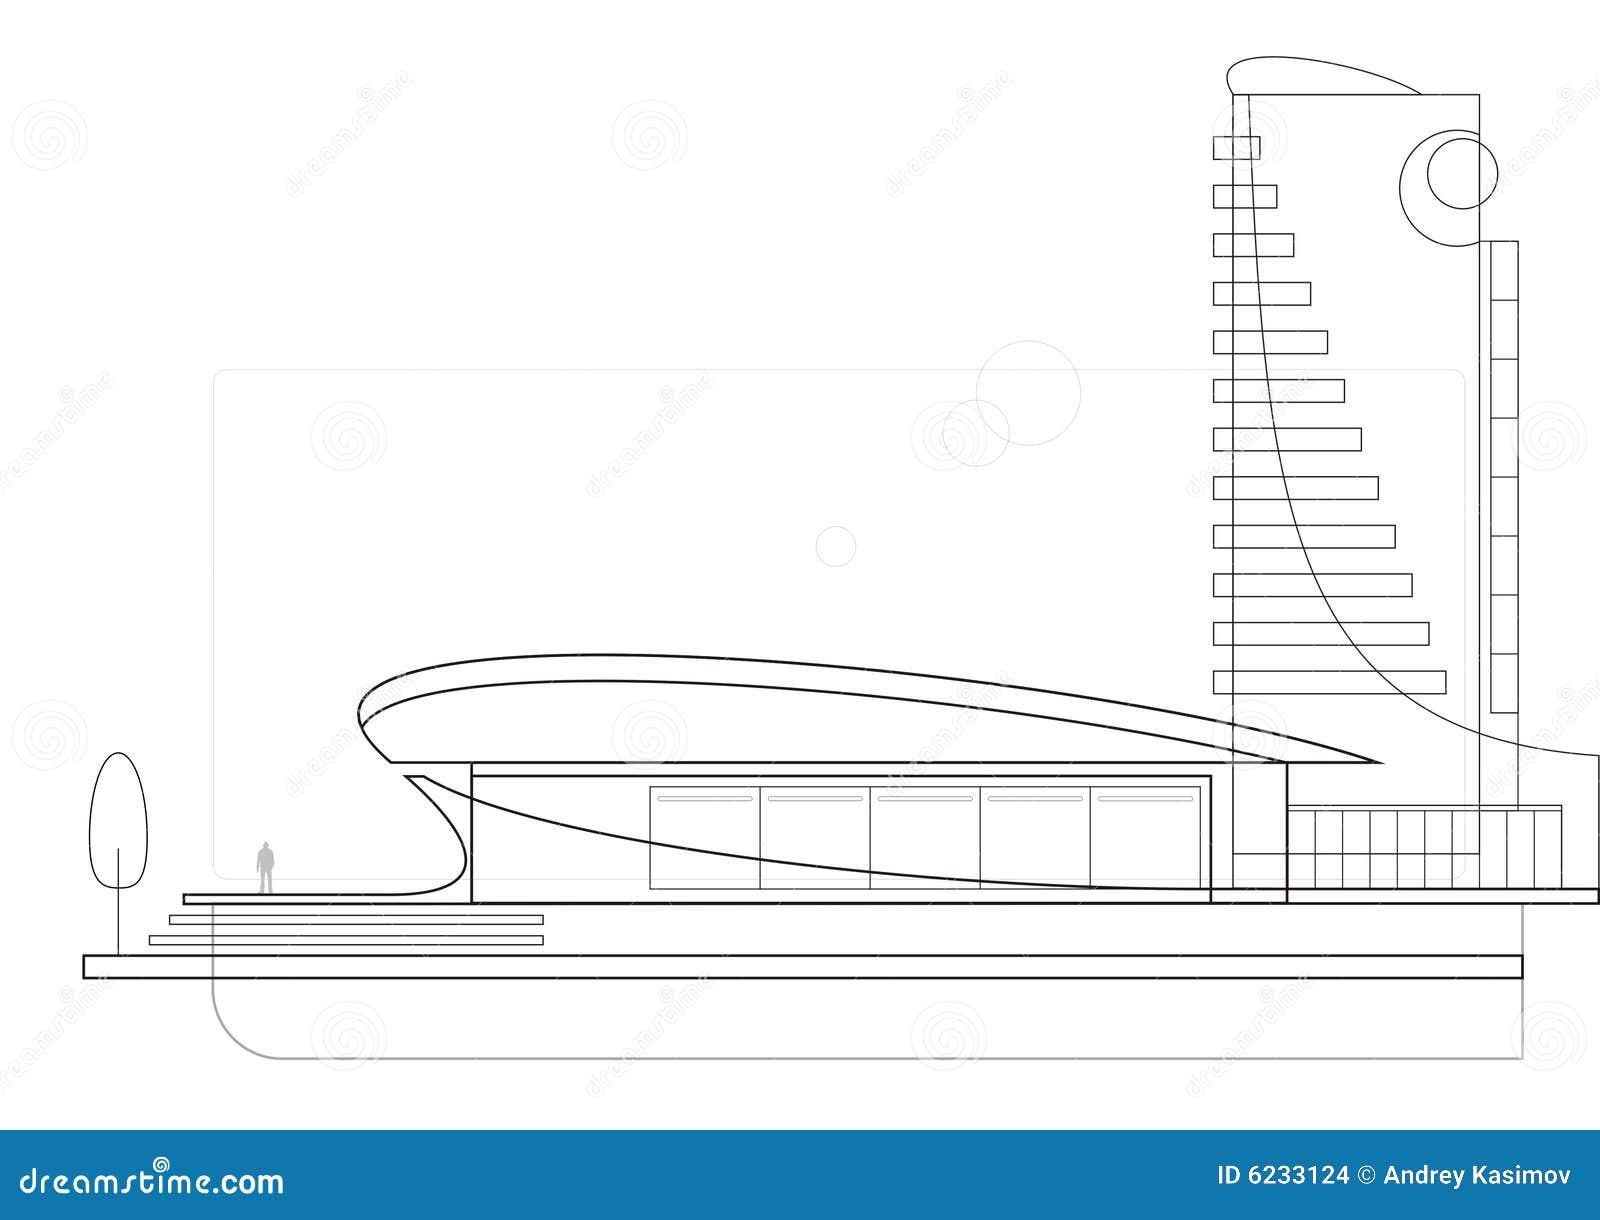 moderne architektur zeichnung stockbilder bild 6233124. Black Bedroom Furniture Sets. Home Design Ideas